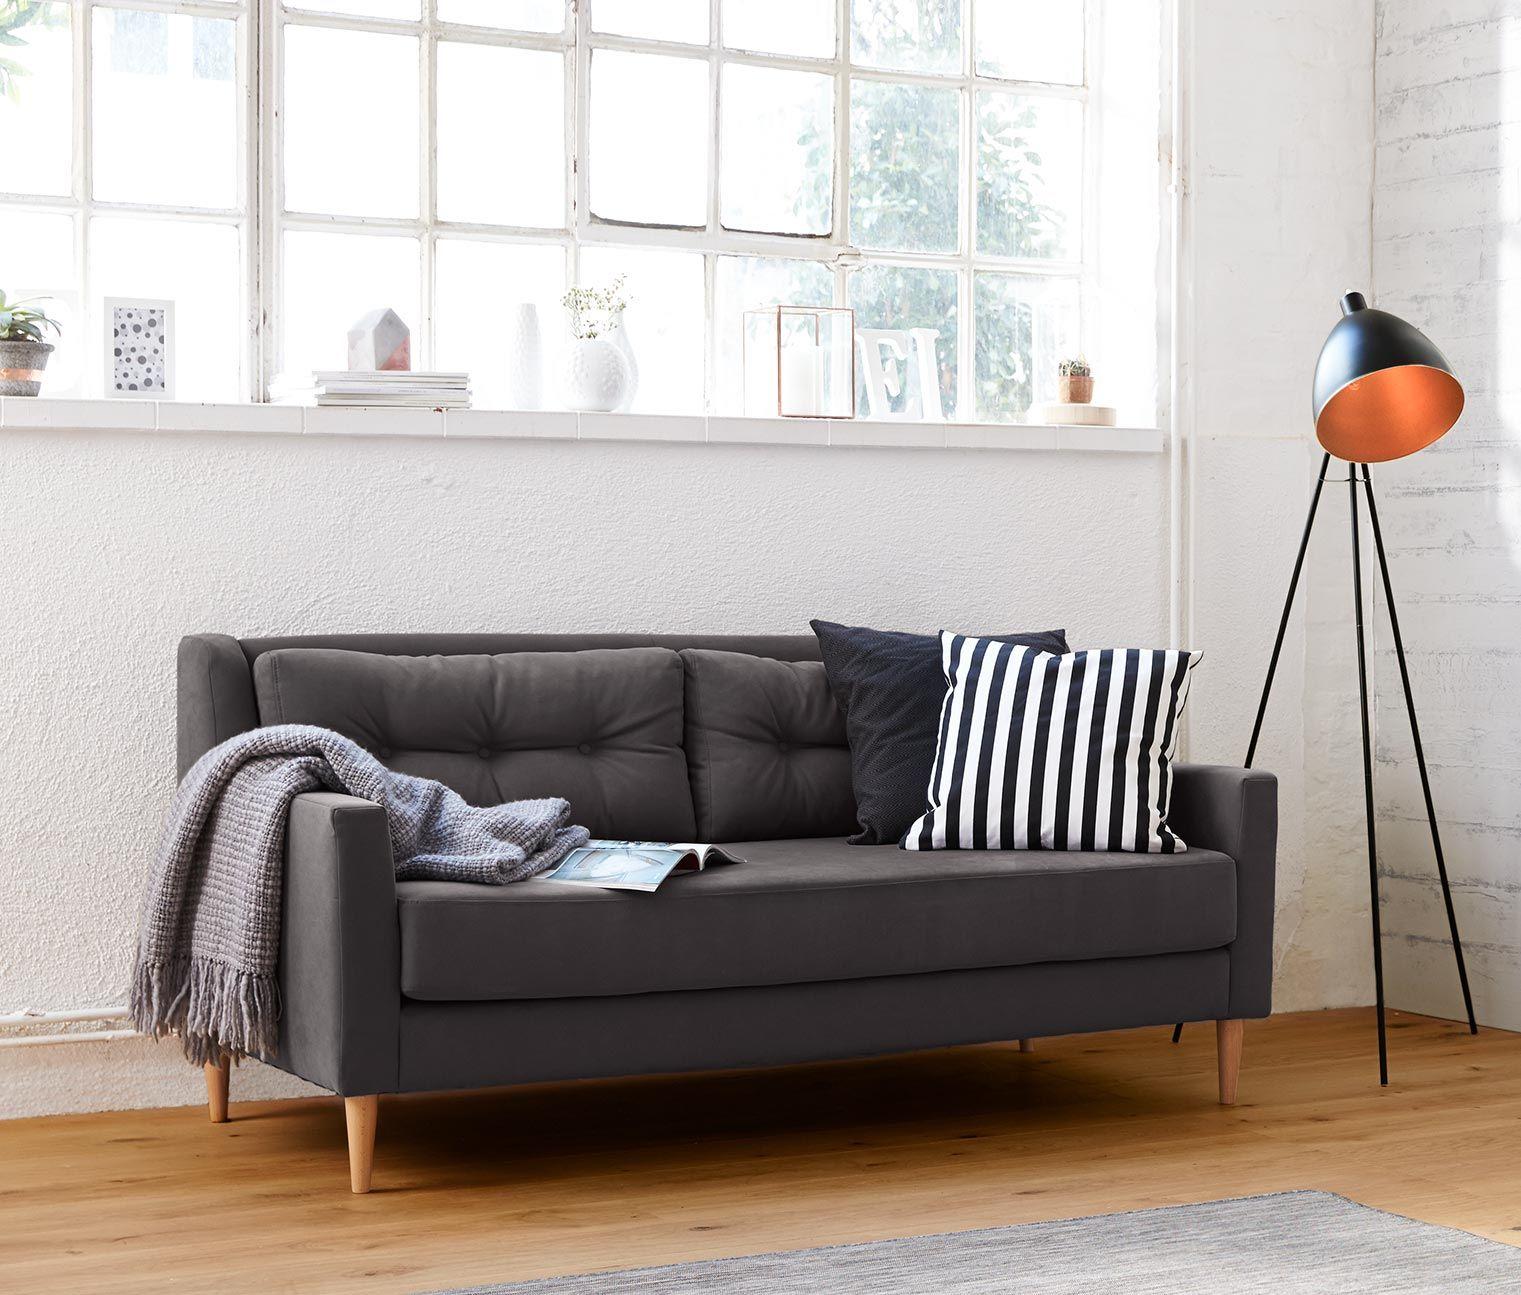 ec3d282af13689 Sofa | Einrichtungsideen | Einrichtungsideen, Bequeme sofas und Sofa